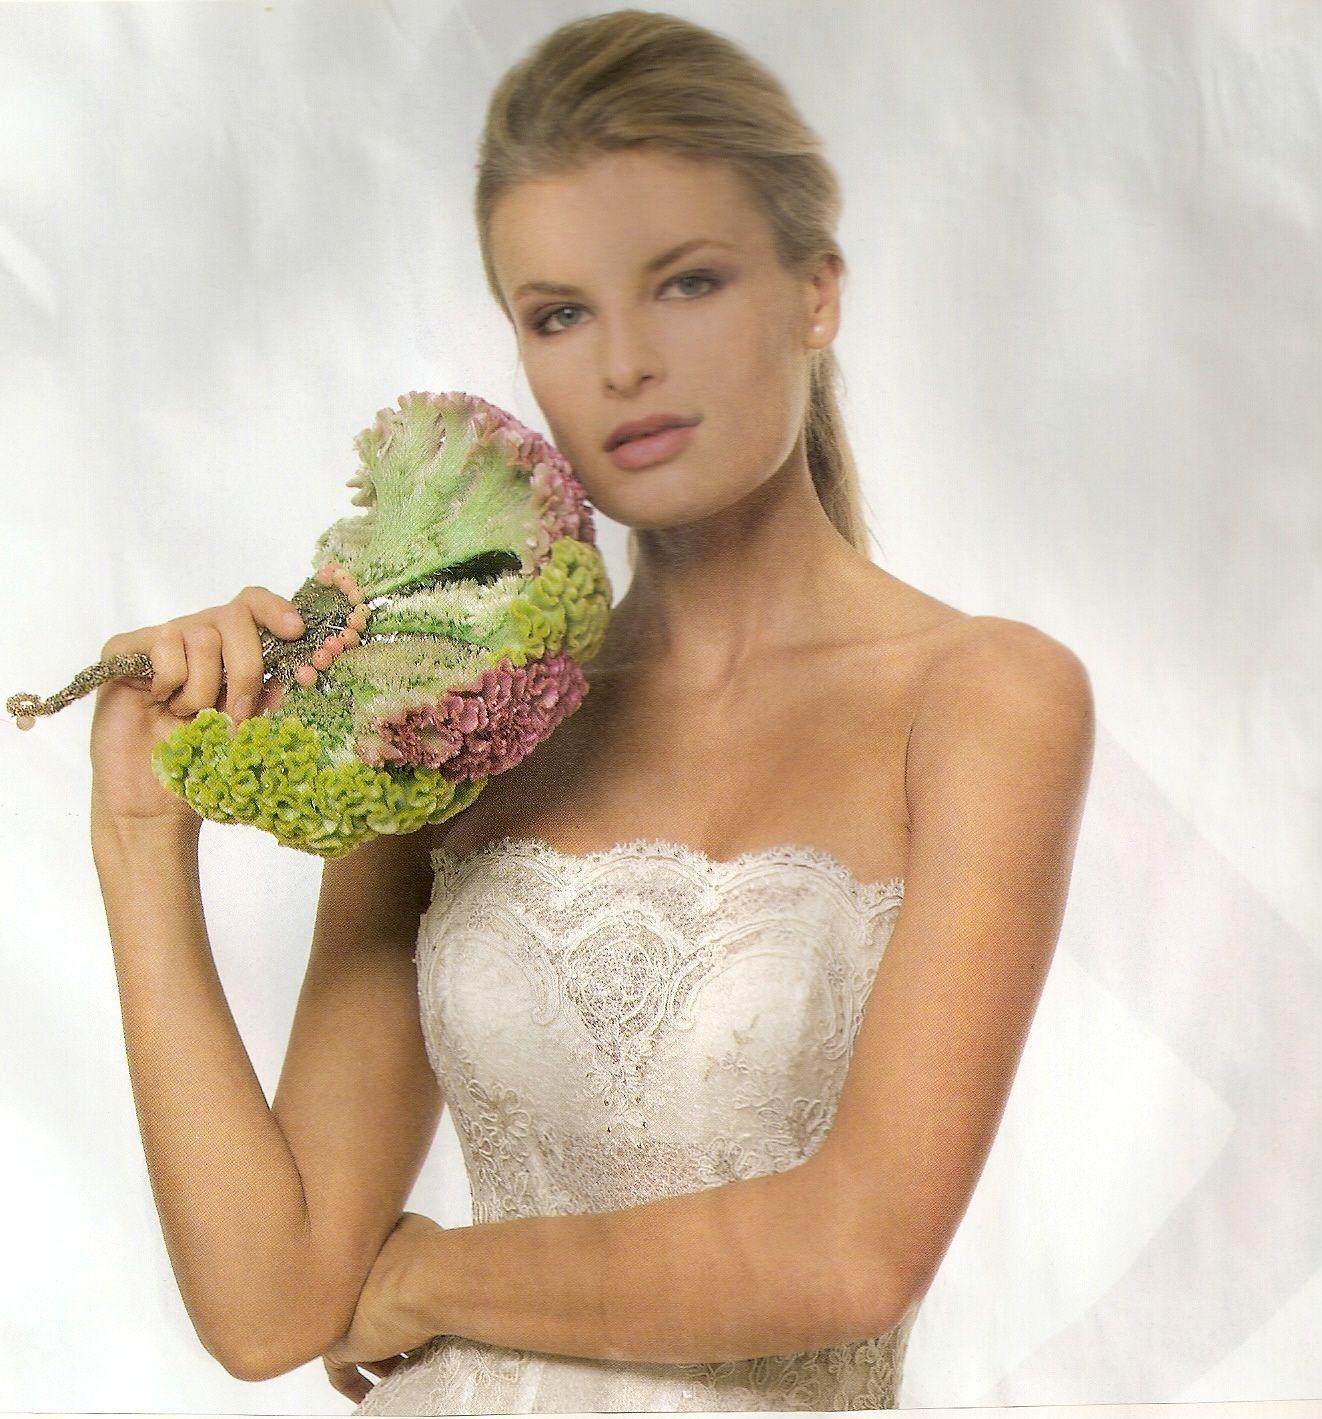 Bouquet Sposa Ventaglio.Ventaglio Bouquet Sposa Vegetale Il Bouquet Da Sposa Nel